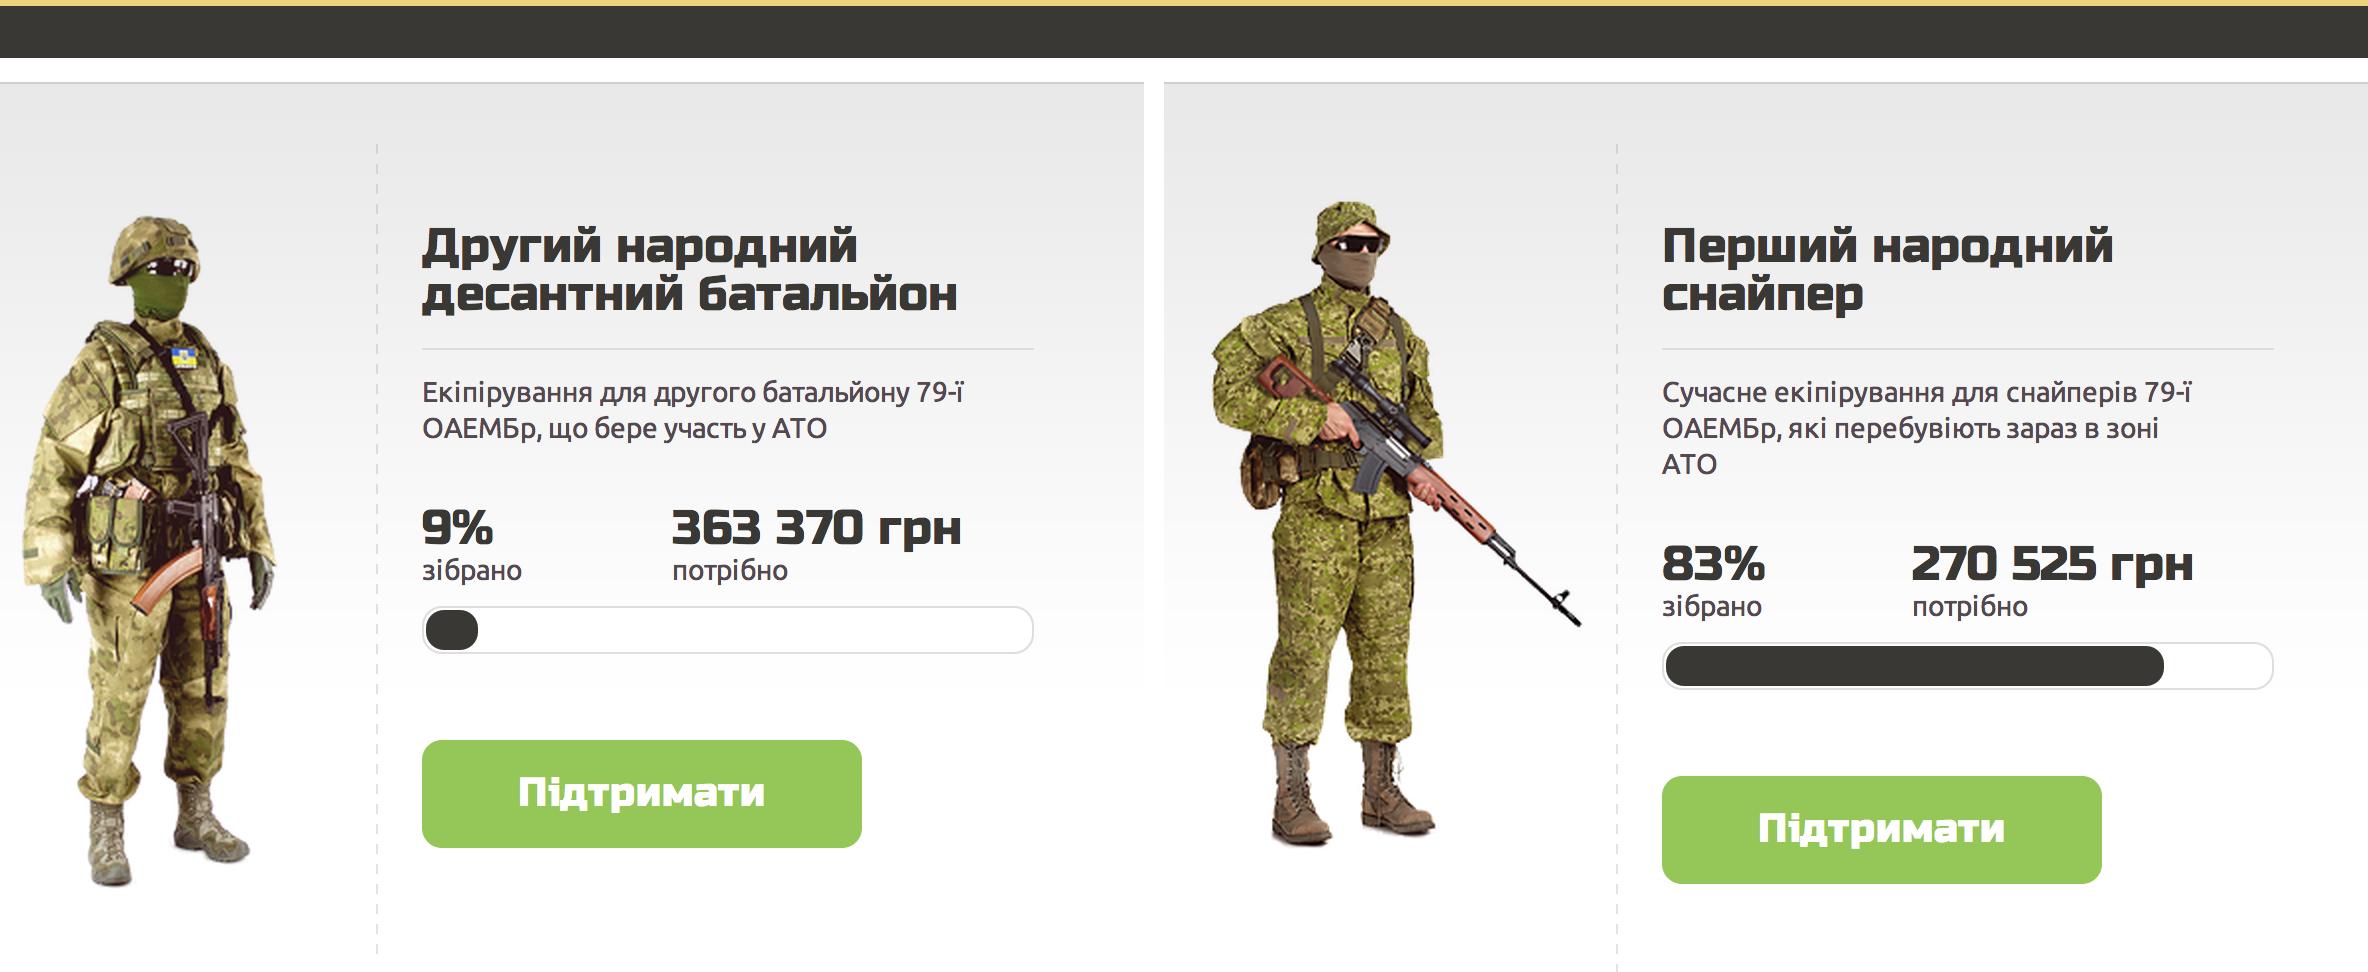 Les militaires ukrainiens soutenus par les internautes